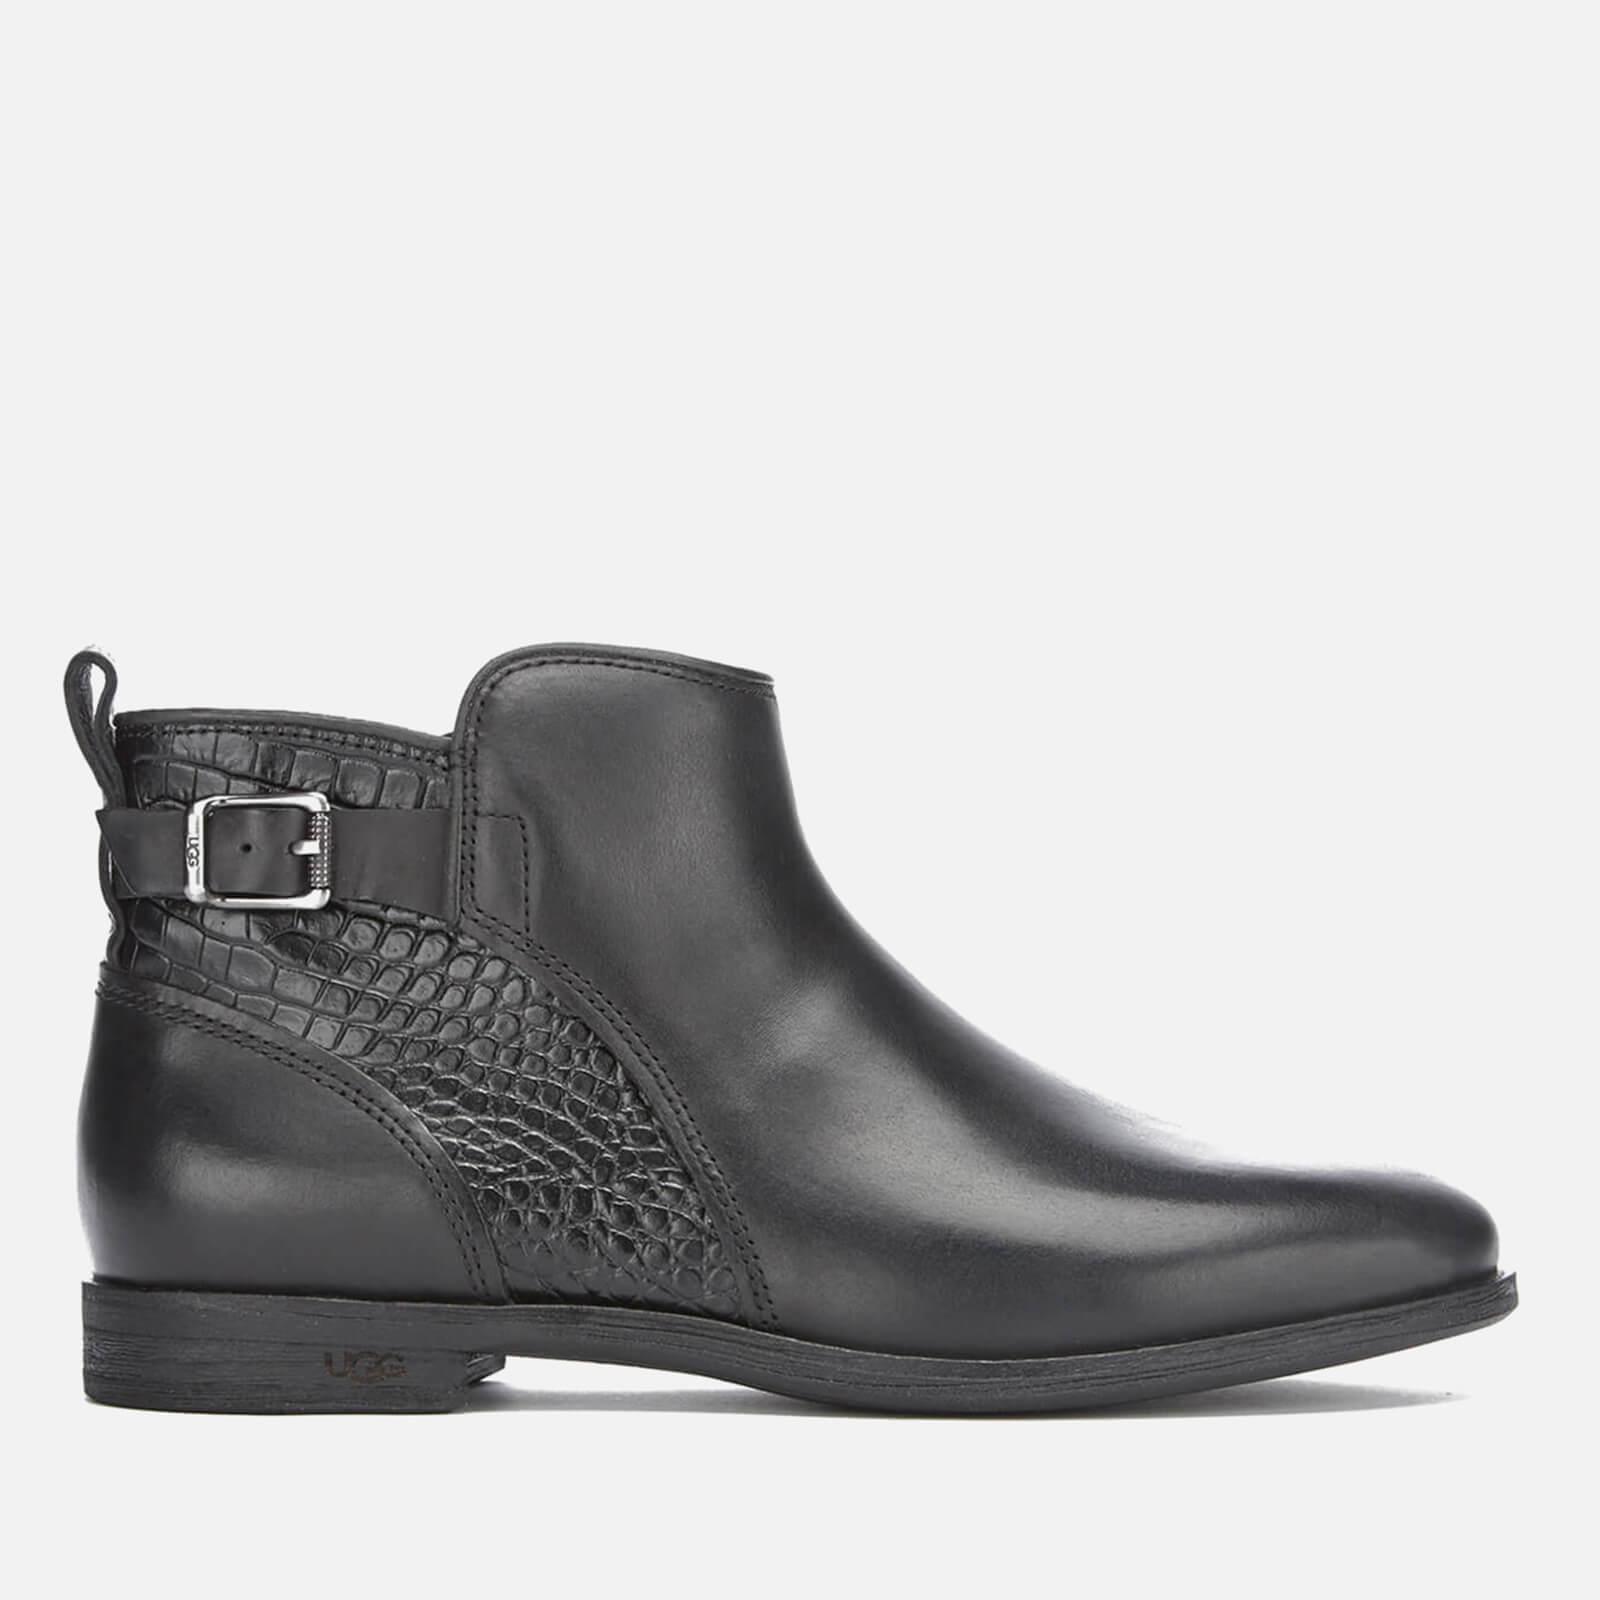 f4c0b2e0197 UGG Women's Demi Croc Leather Flat Ankle Boots - Black